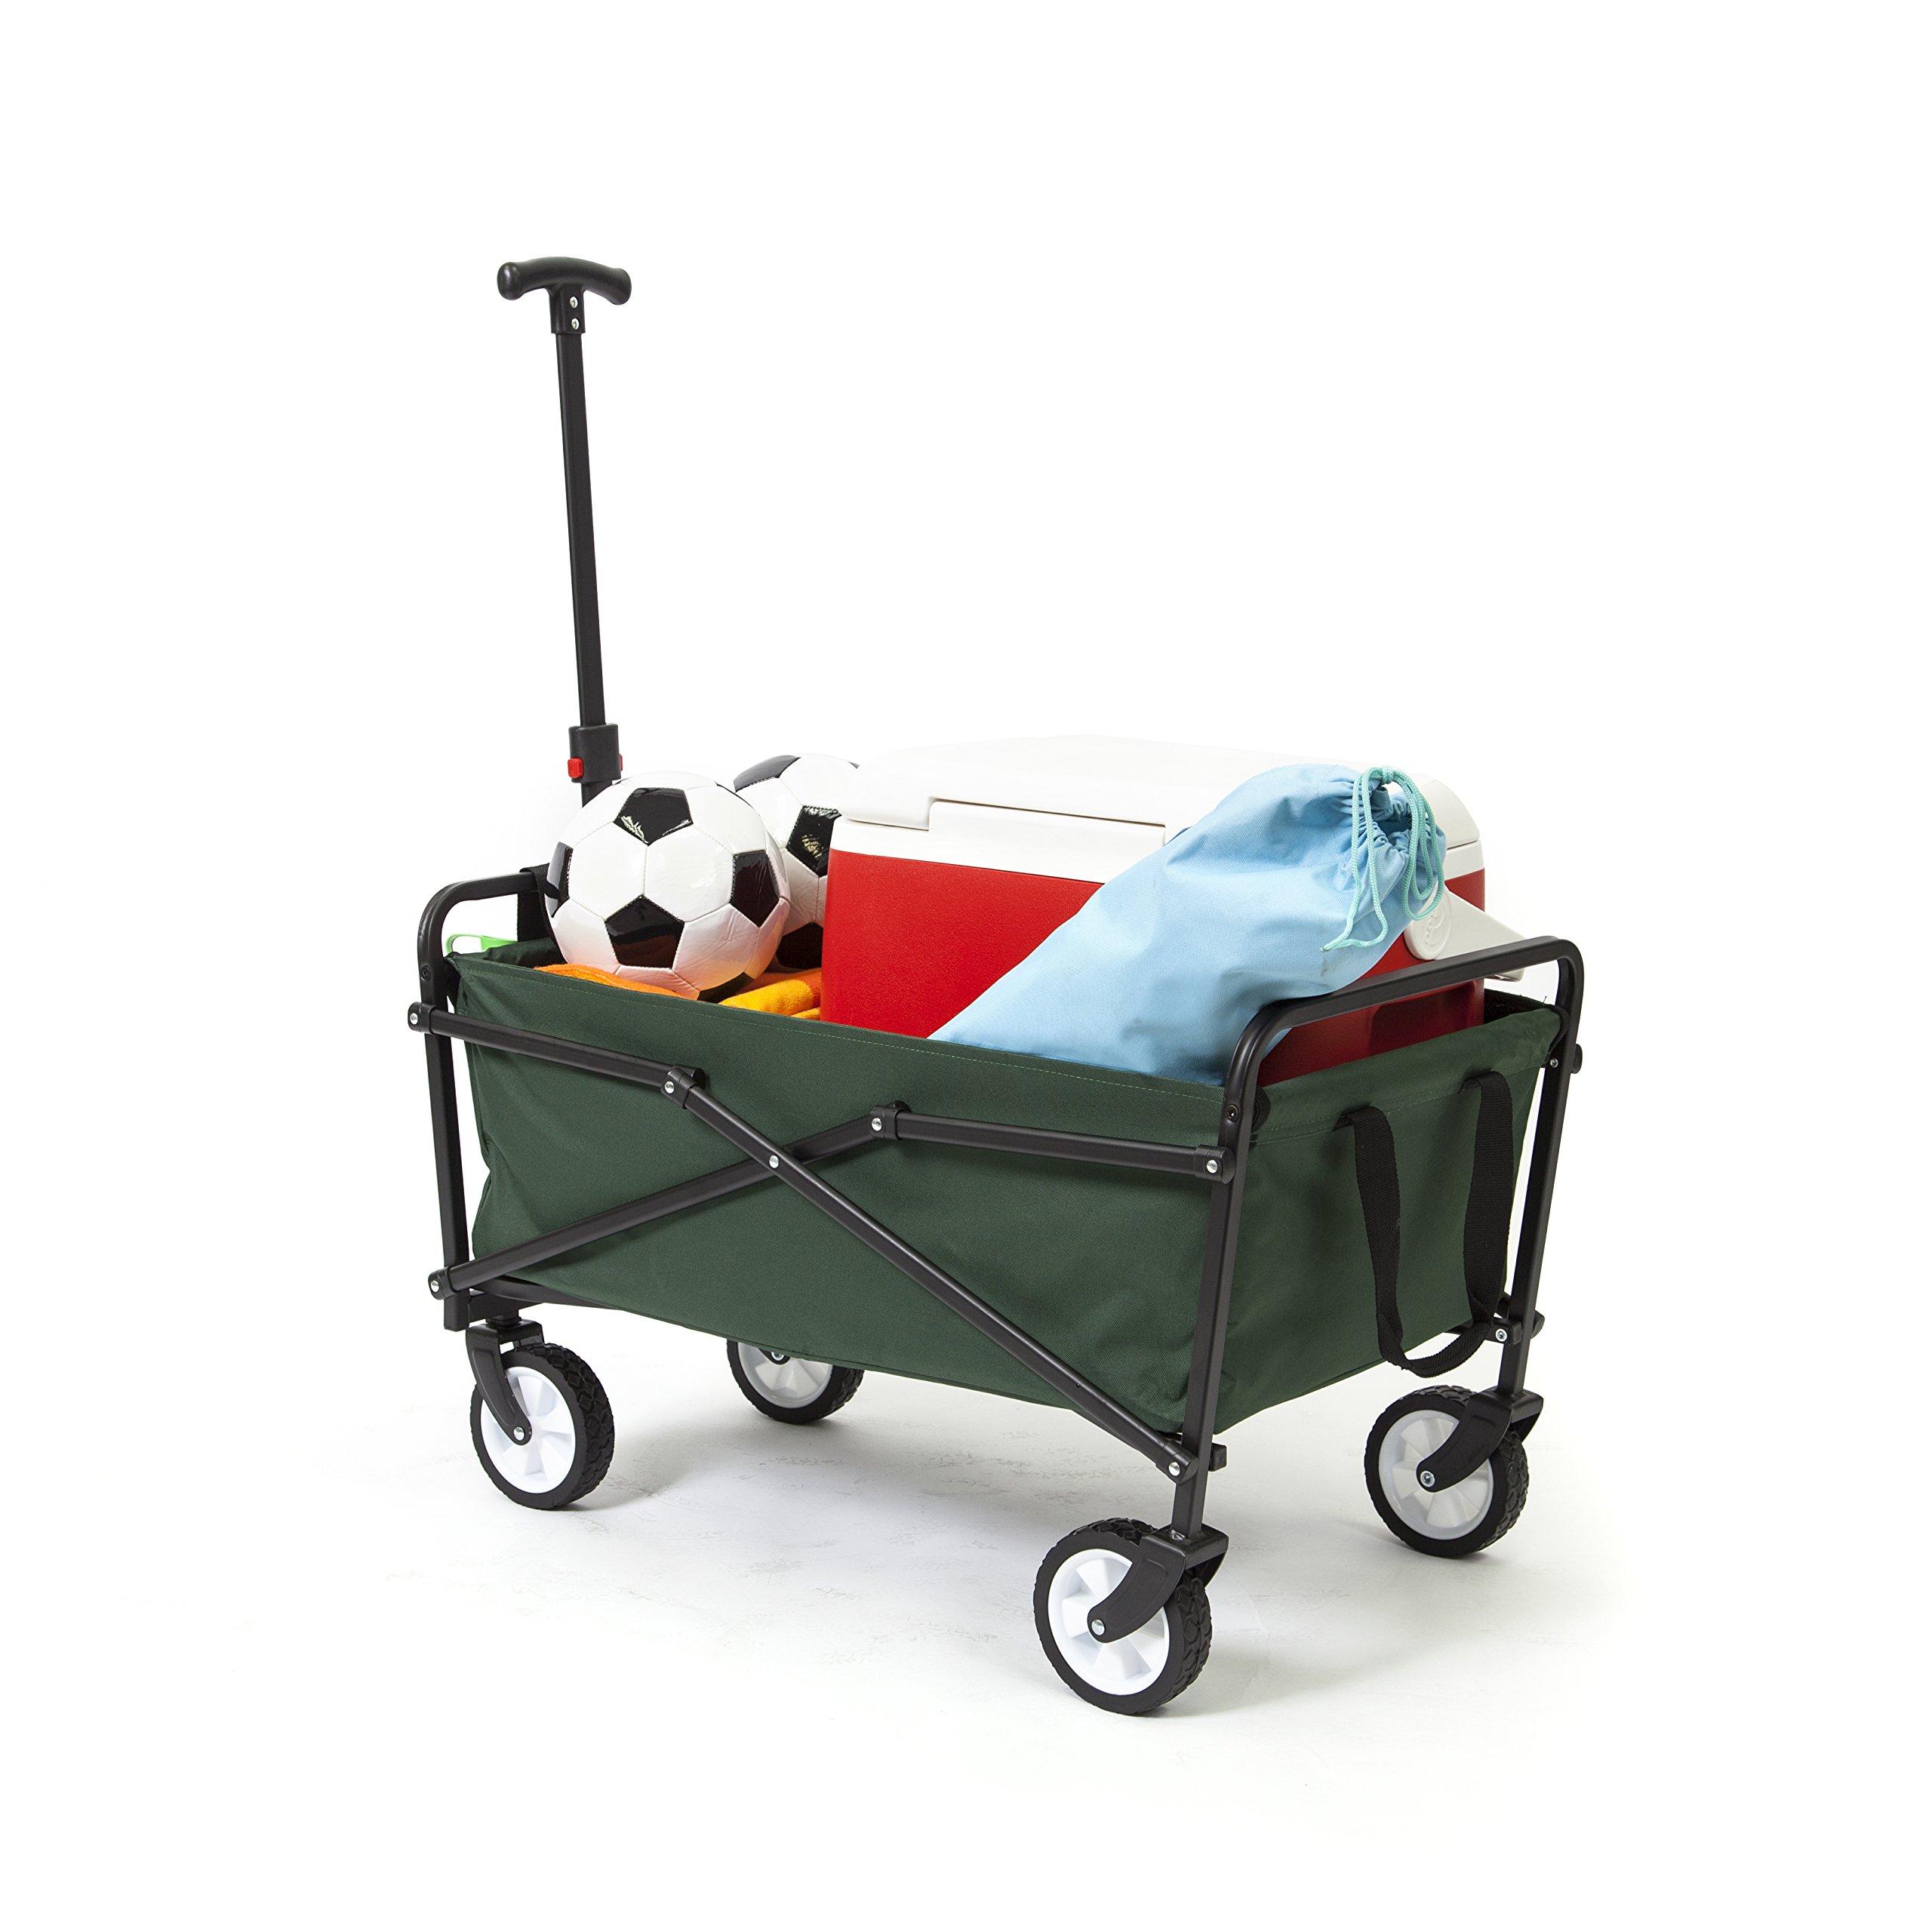 YSC Wagon Garden Folding Utility Shopping Cart,Beach (Green) by YSC (Image #5)